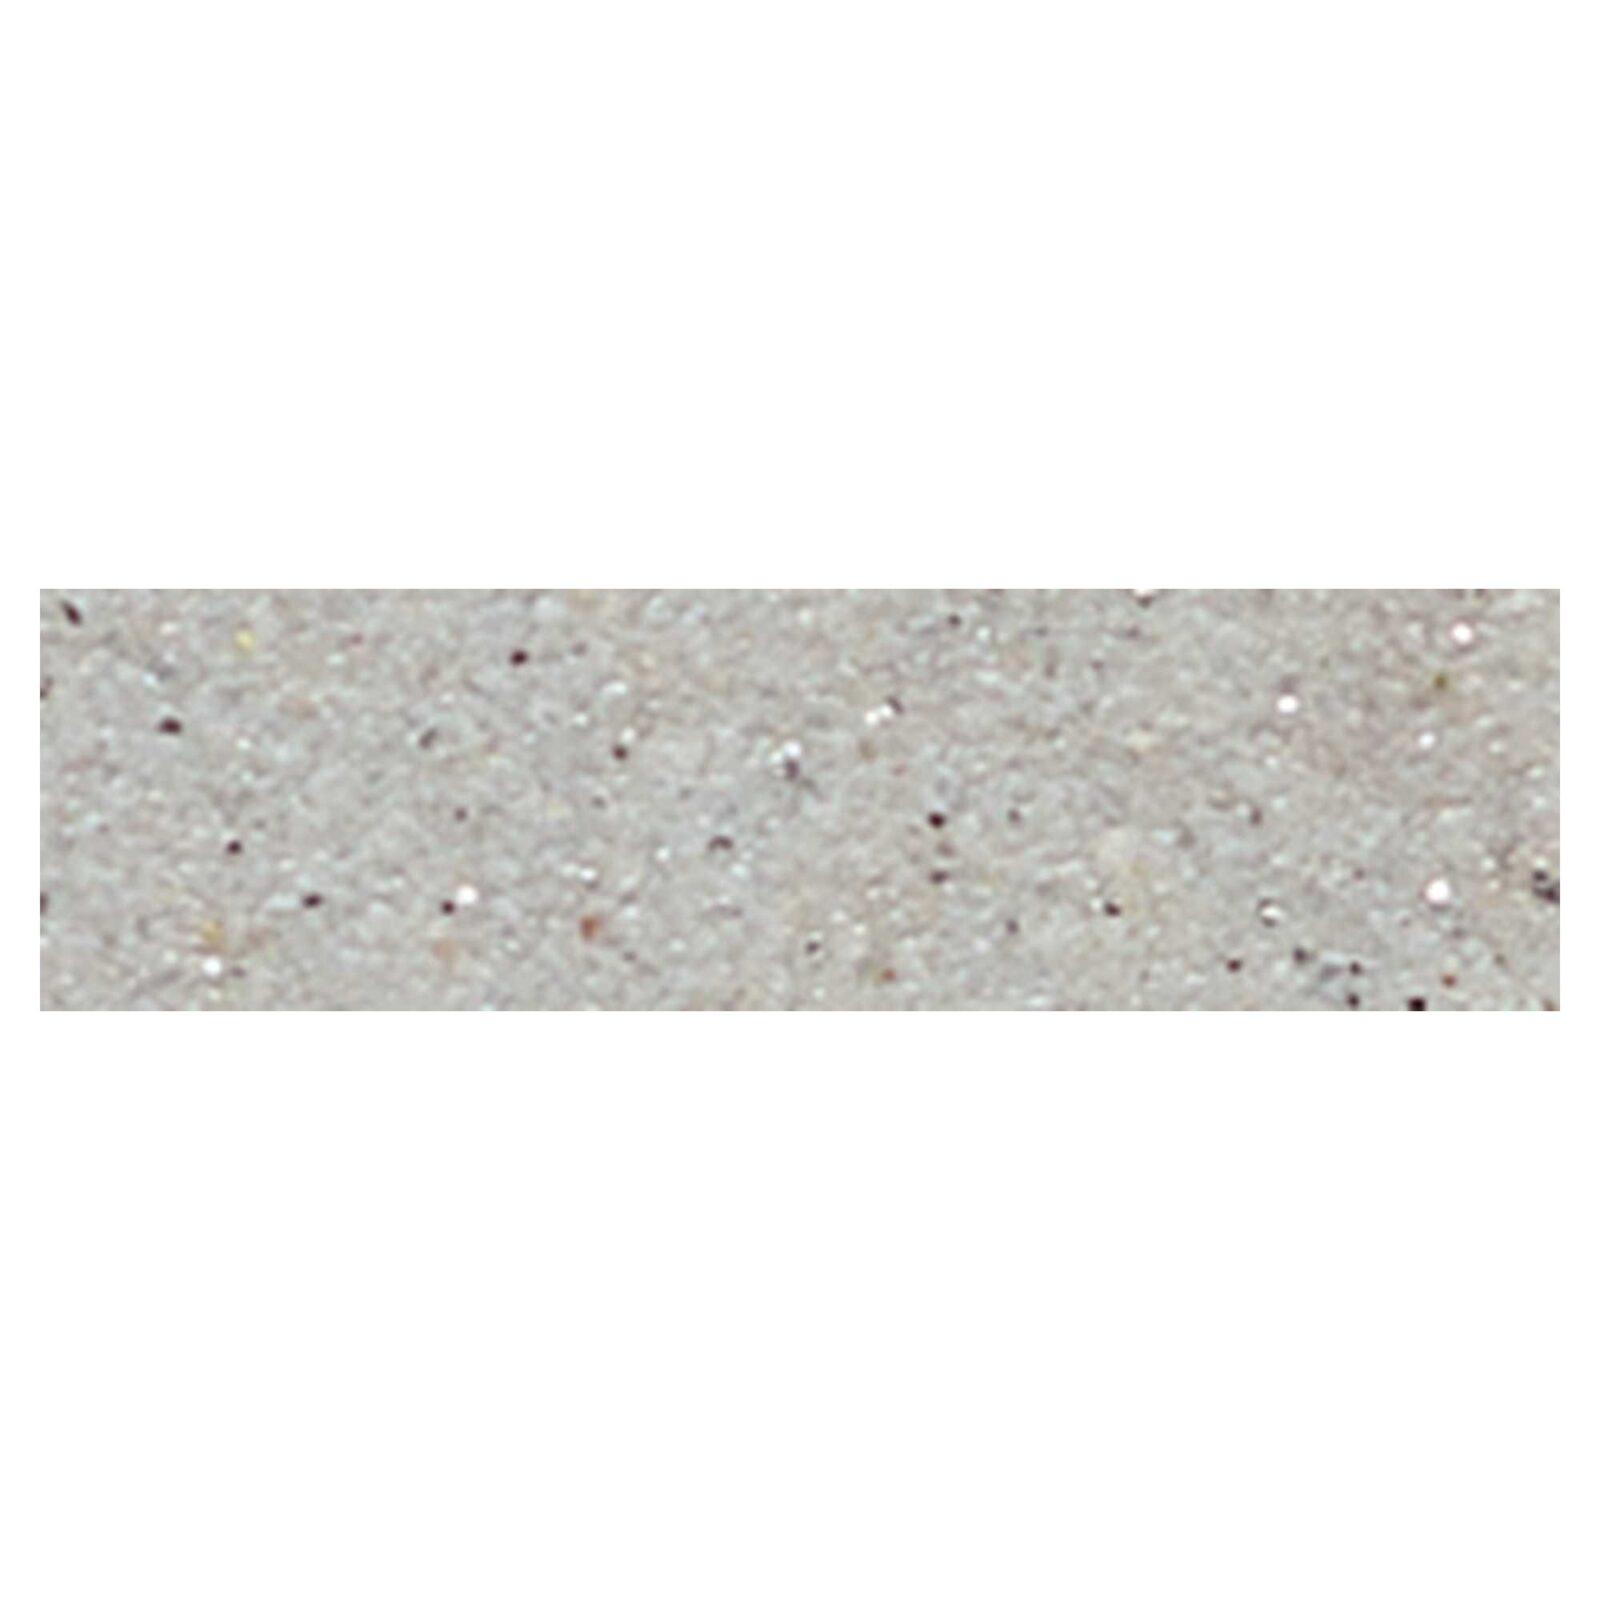 Мойка G-1(серебристый) (505х190) из гранитной крошки+сифон